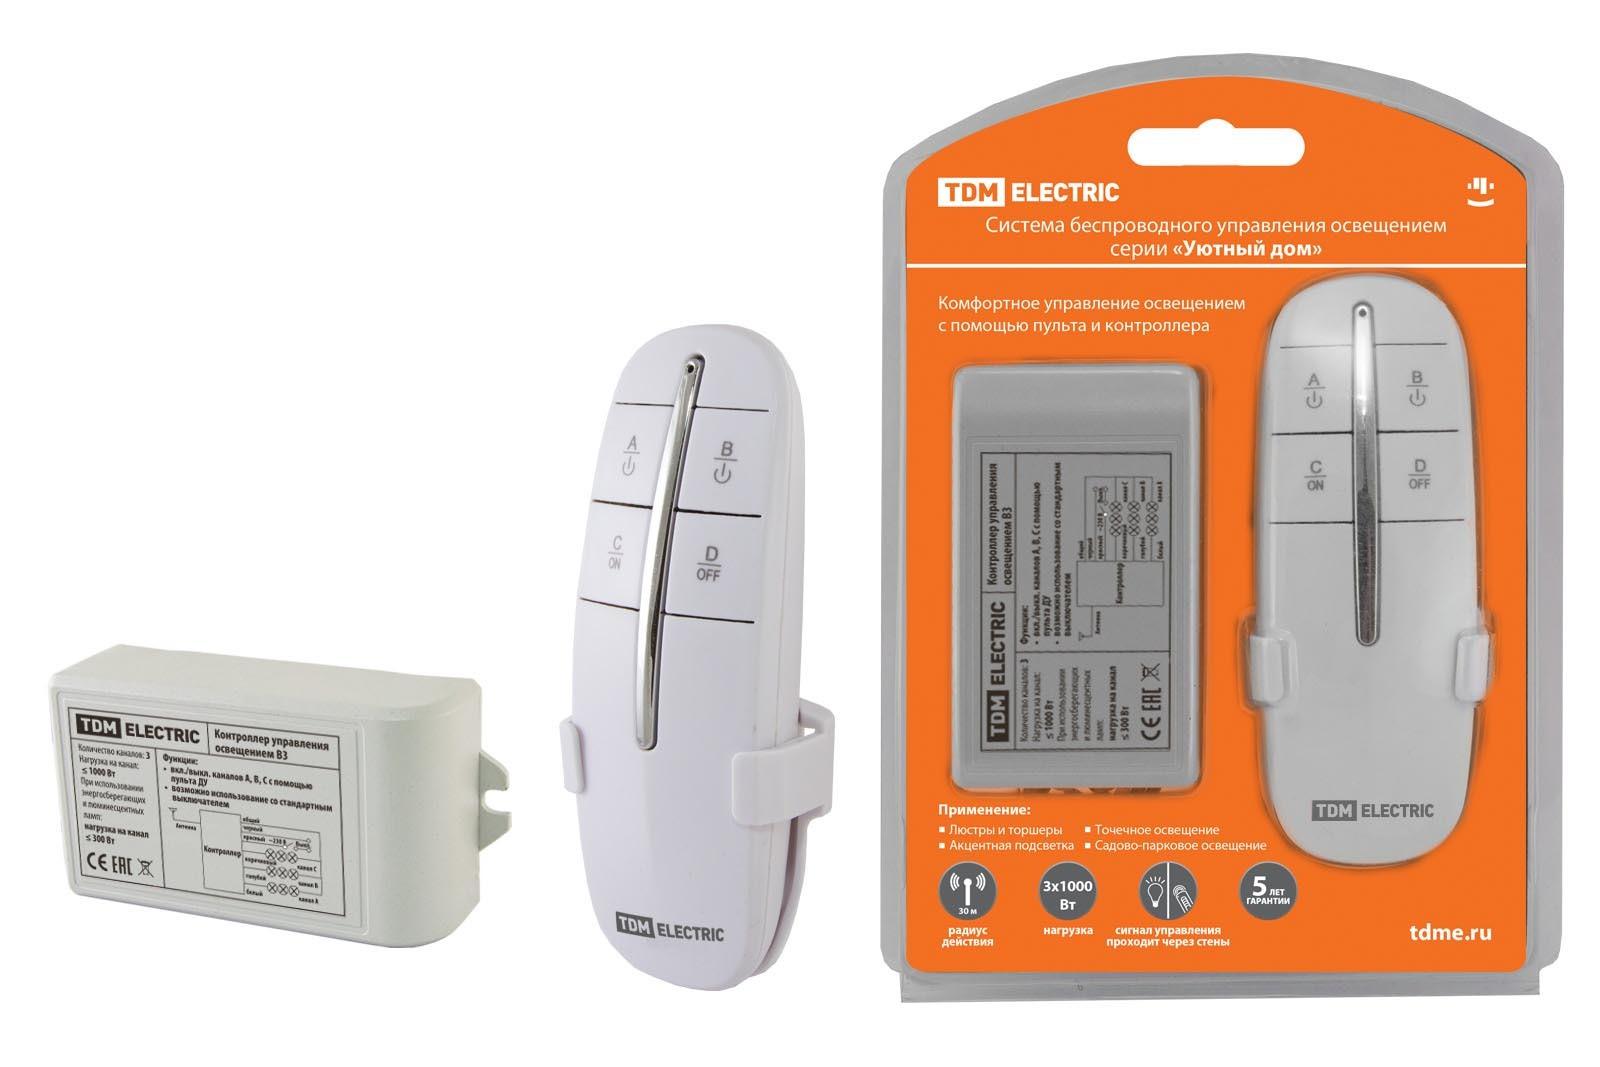 Комплект для беспроводного управления освещением ПУ2-МK-3 (3 канала) Уютный дом